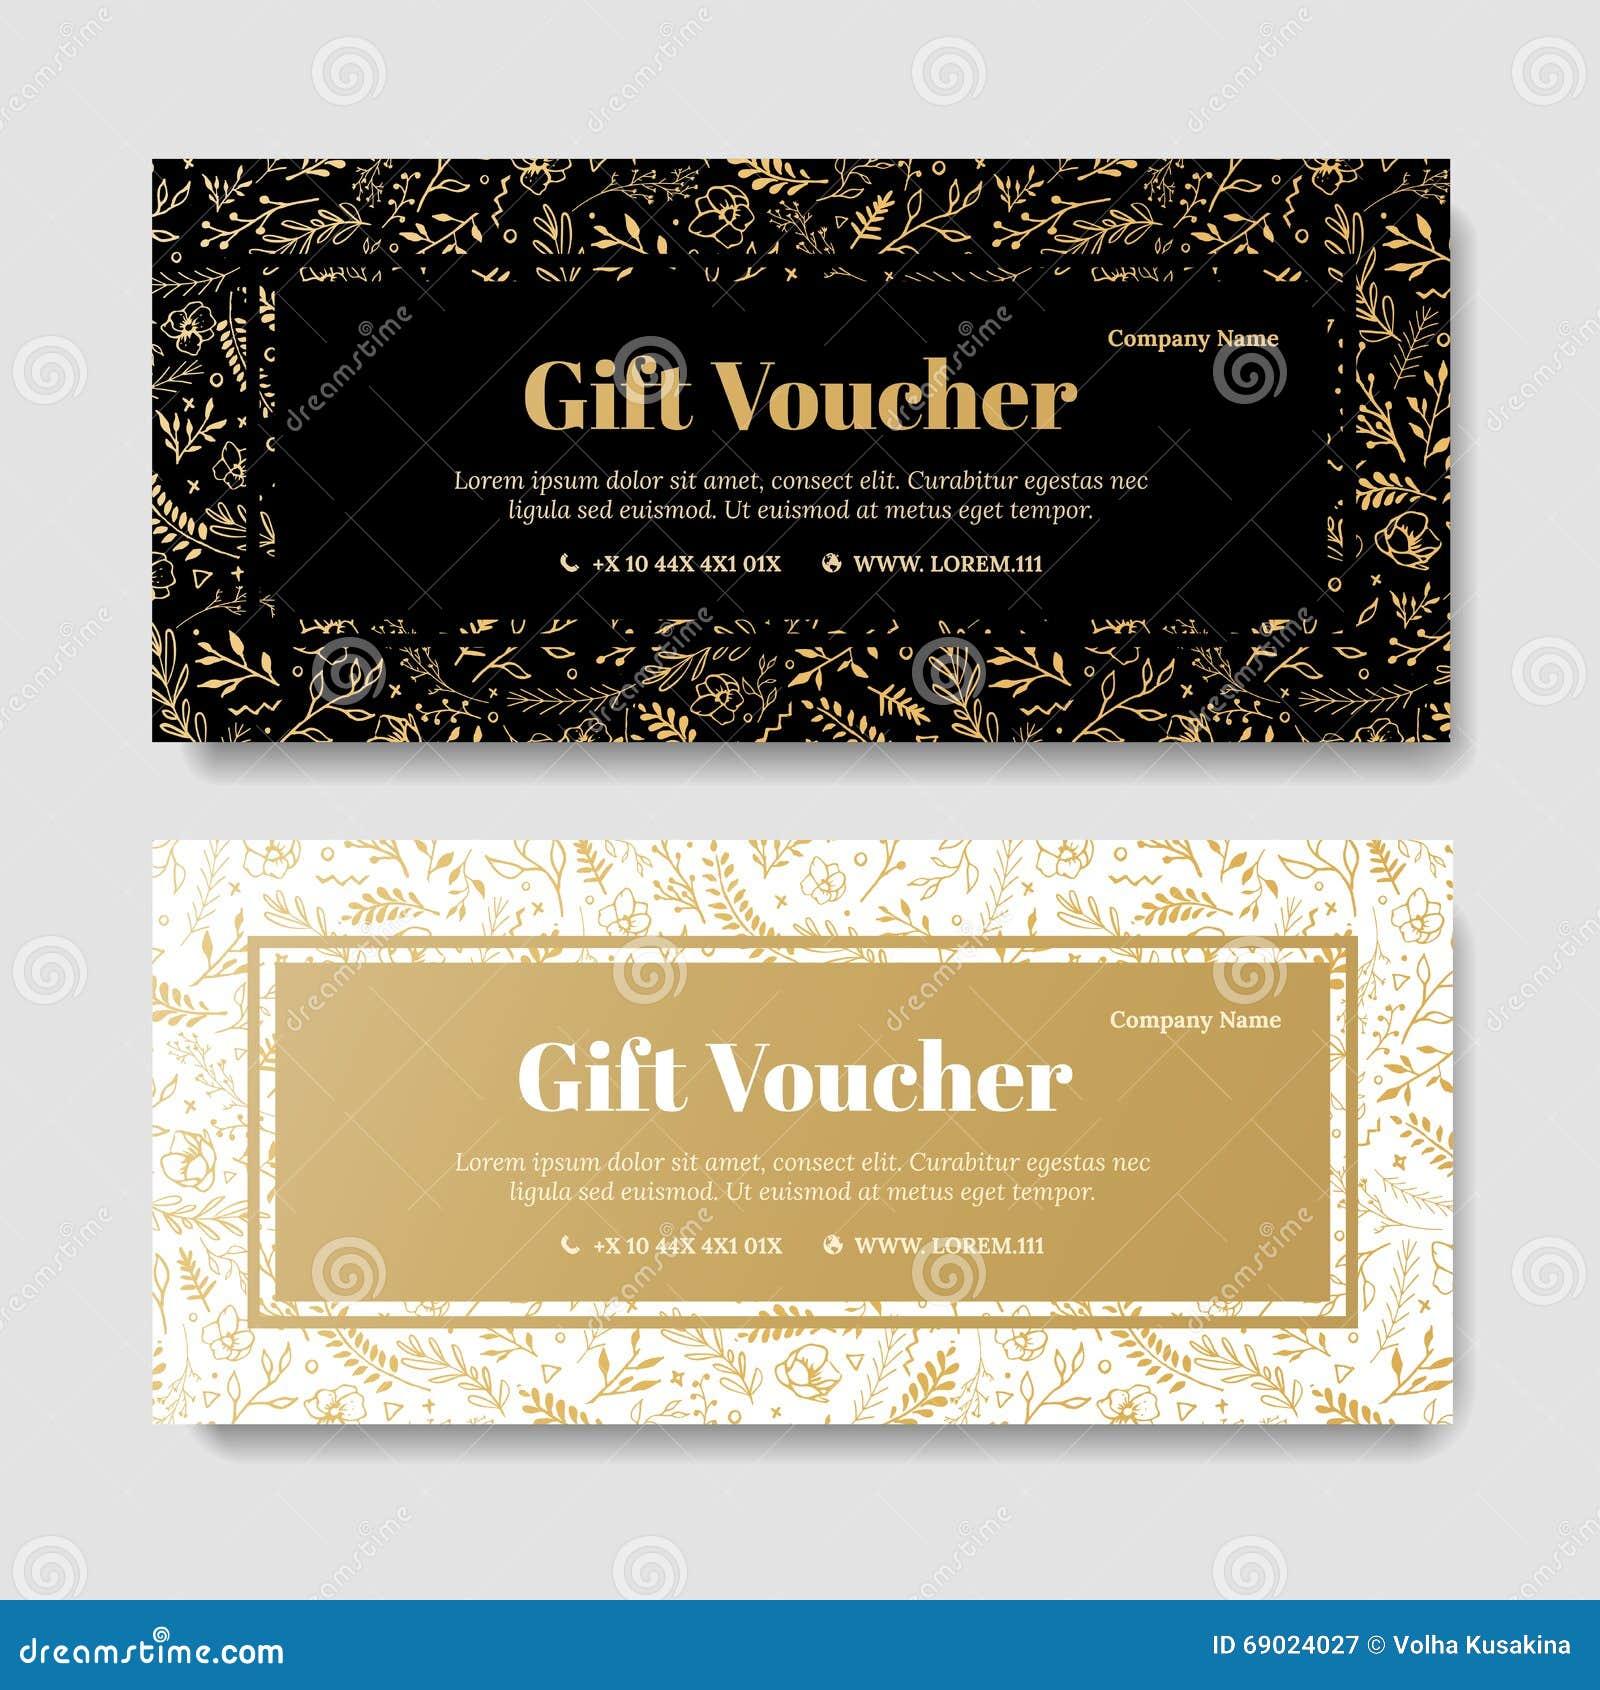 礼物优质证件,优惠券模板